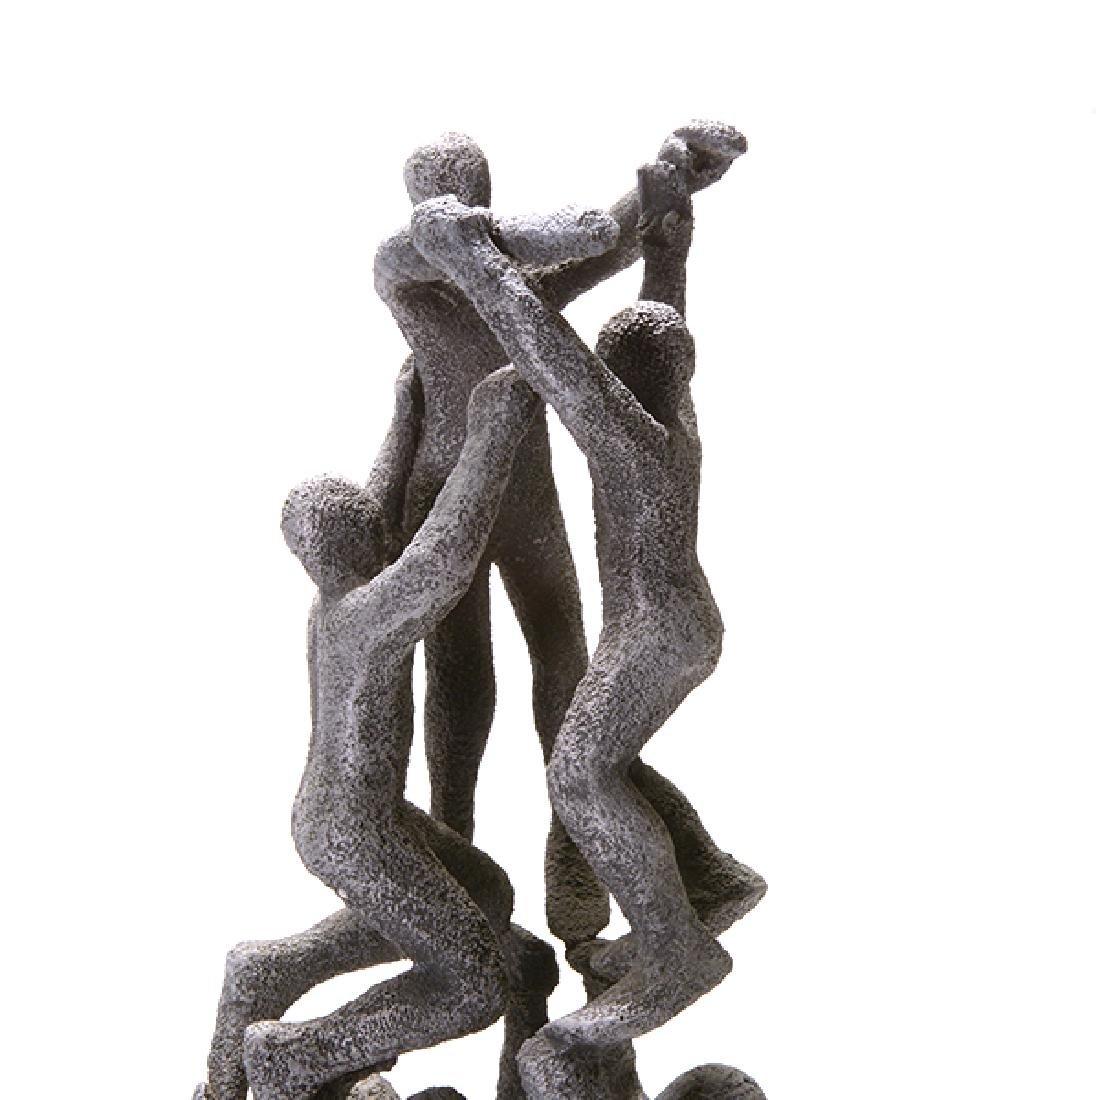 Modern Figural Cast Metal Sculpture, Signed F. - 5